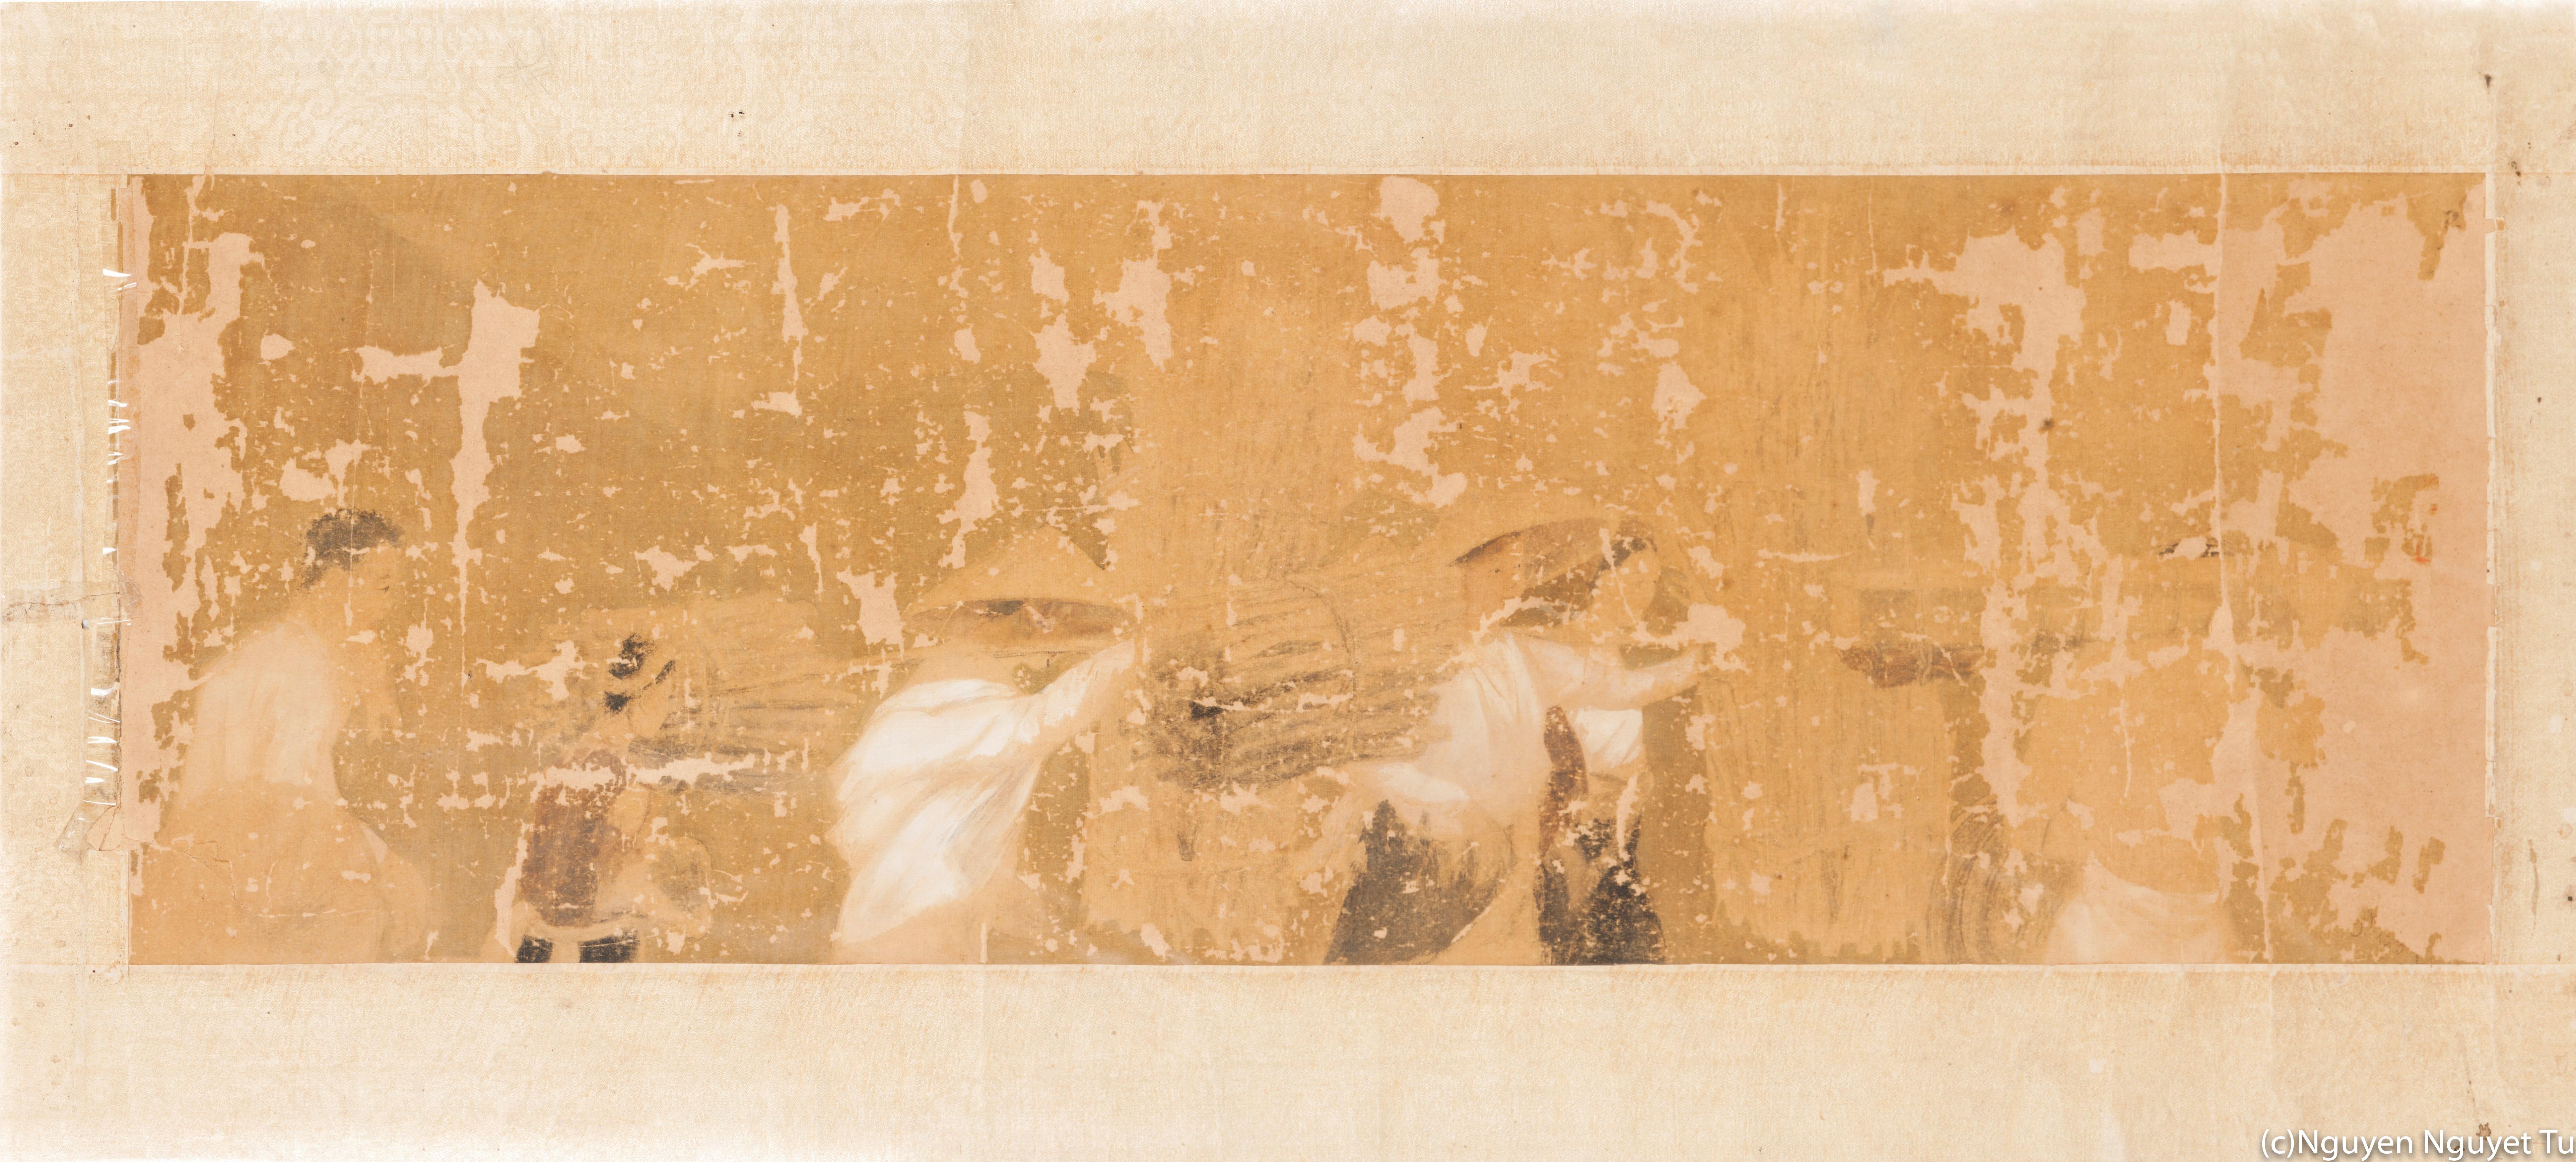 グエン・ファン・チャン《薪を取りに行く》(1938年、三谷産業株式会社蔵》修復後